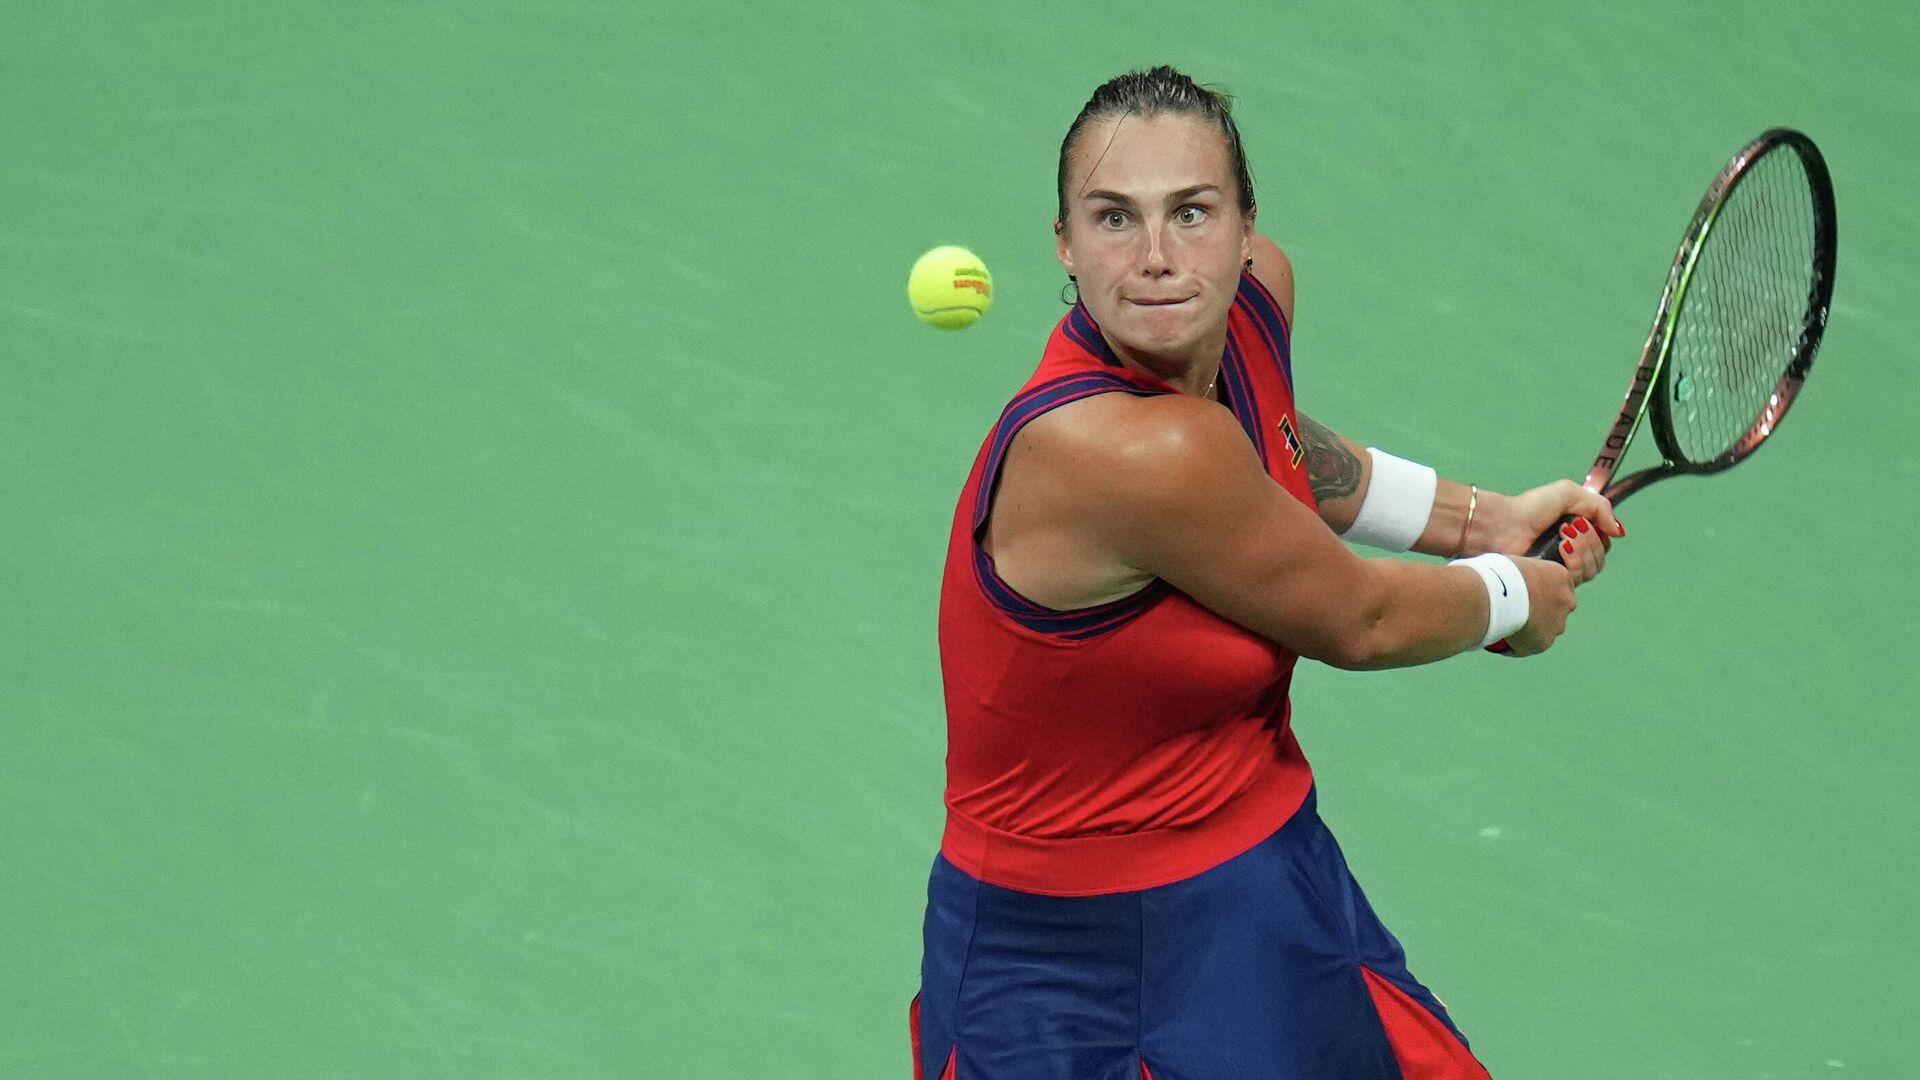 Белорусская теннисистка Арина Соболенко - Sputnik Беларусь, 1920, 20.09.2021